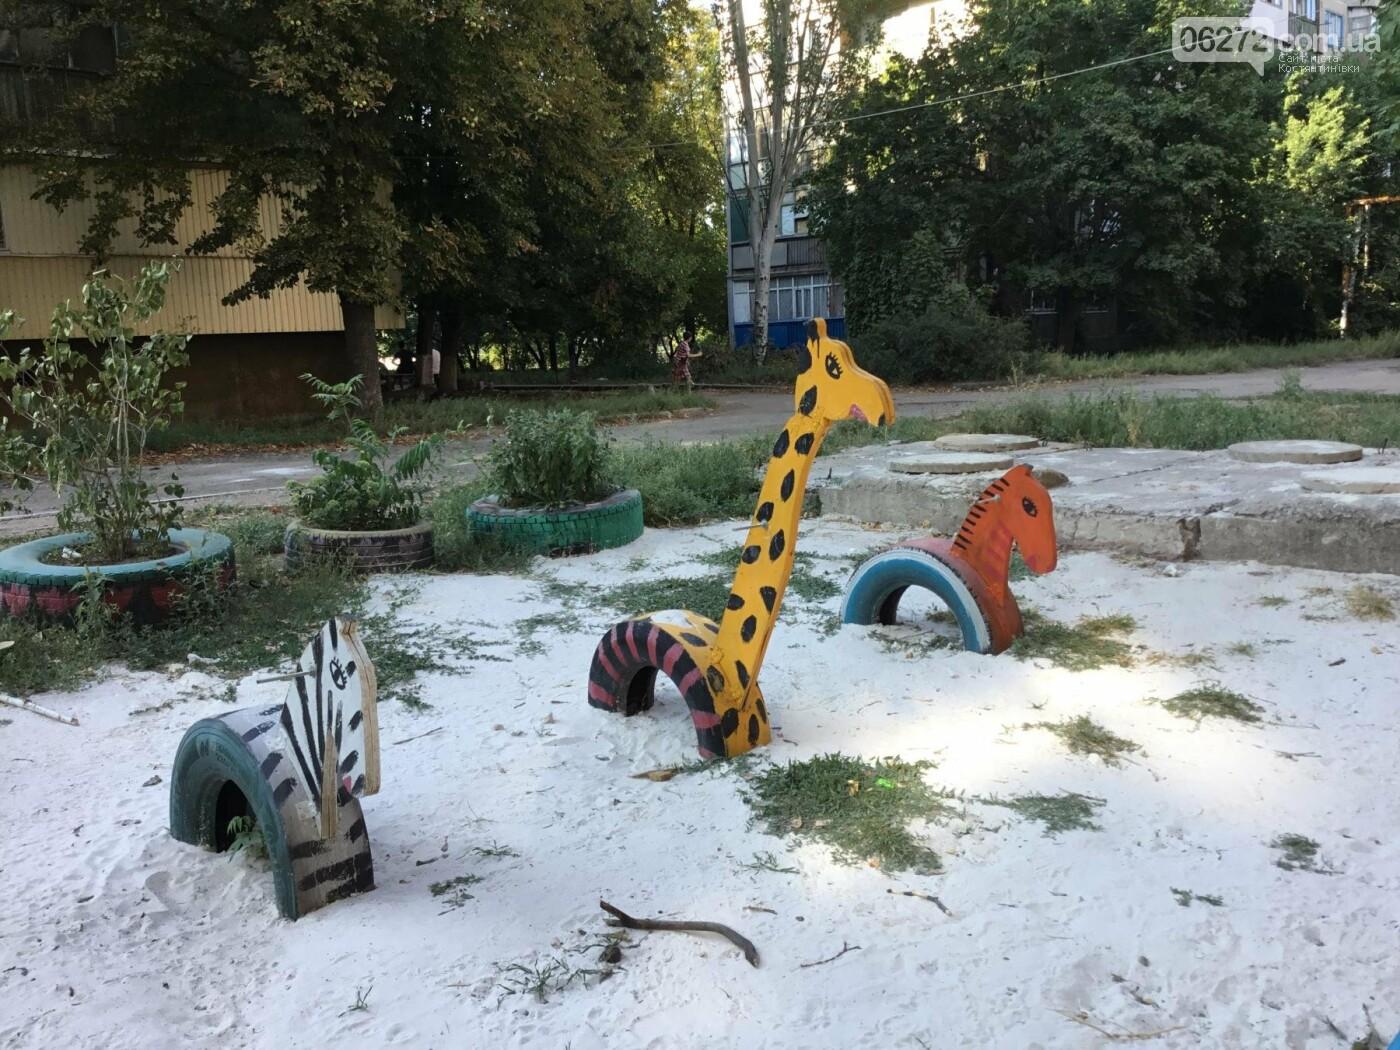 В Константиновке по ул. Безнощенко молодежь сделала спортивную площадку для детей, фото-13